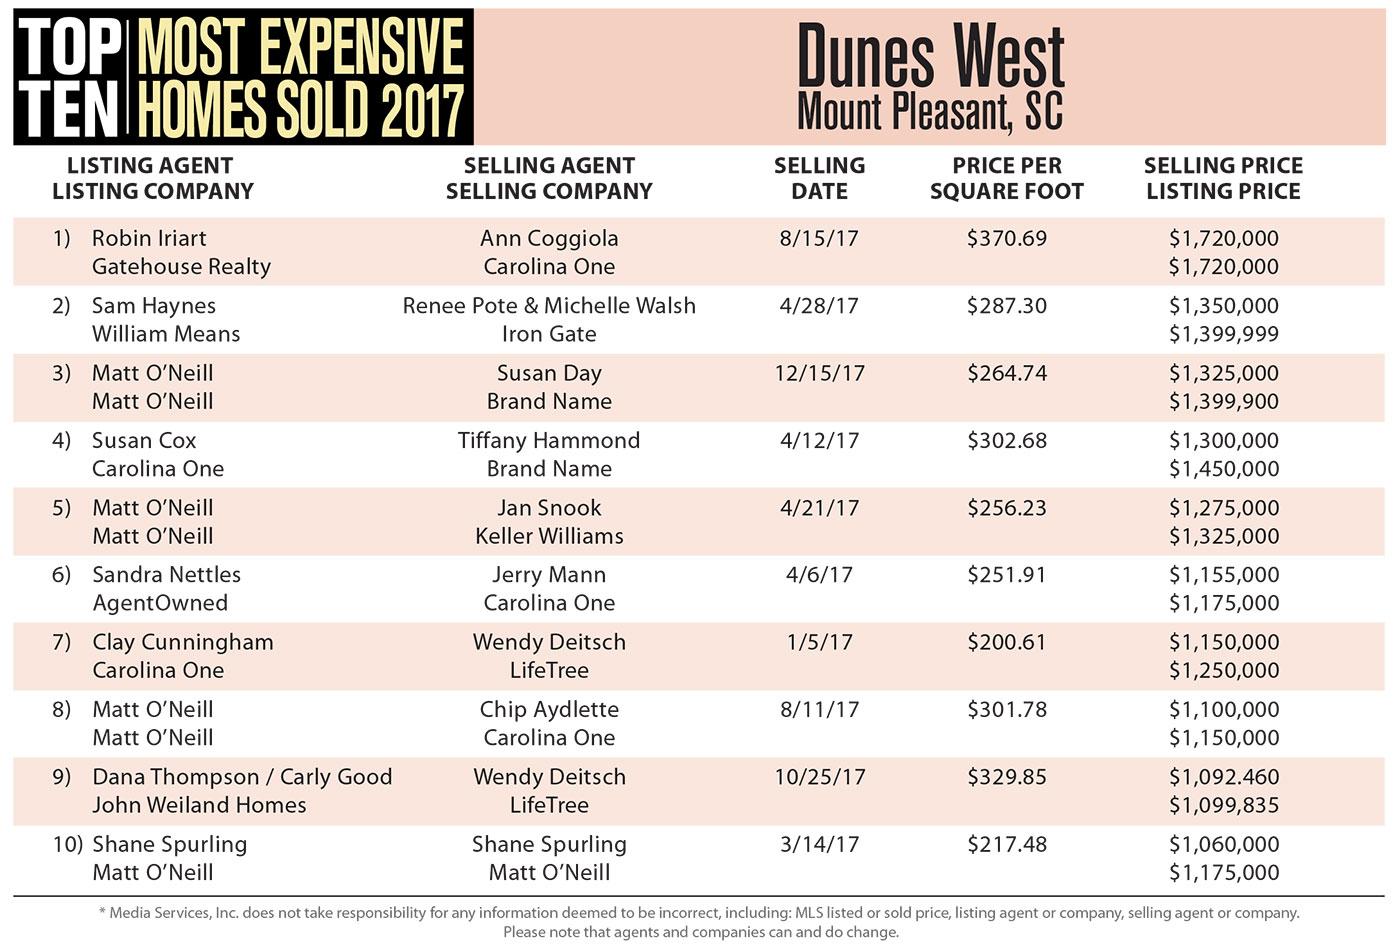 Dunes West Top Ten Most Expensive Homes Sold in 2017